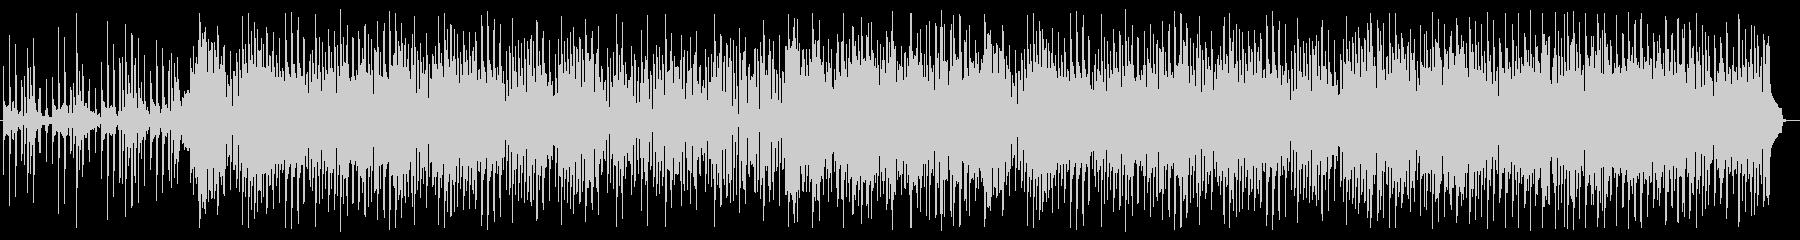 優しく切ないピアノインストBGMの未再生の波形